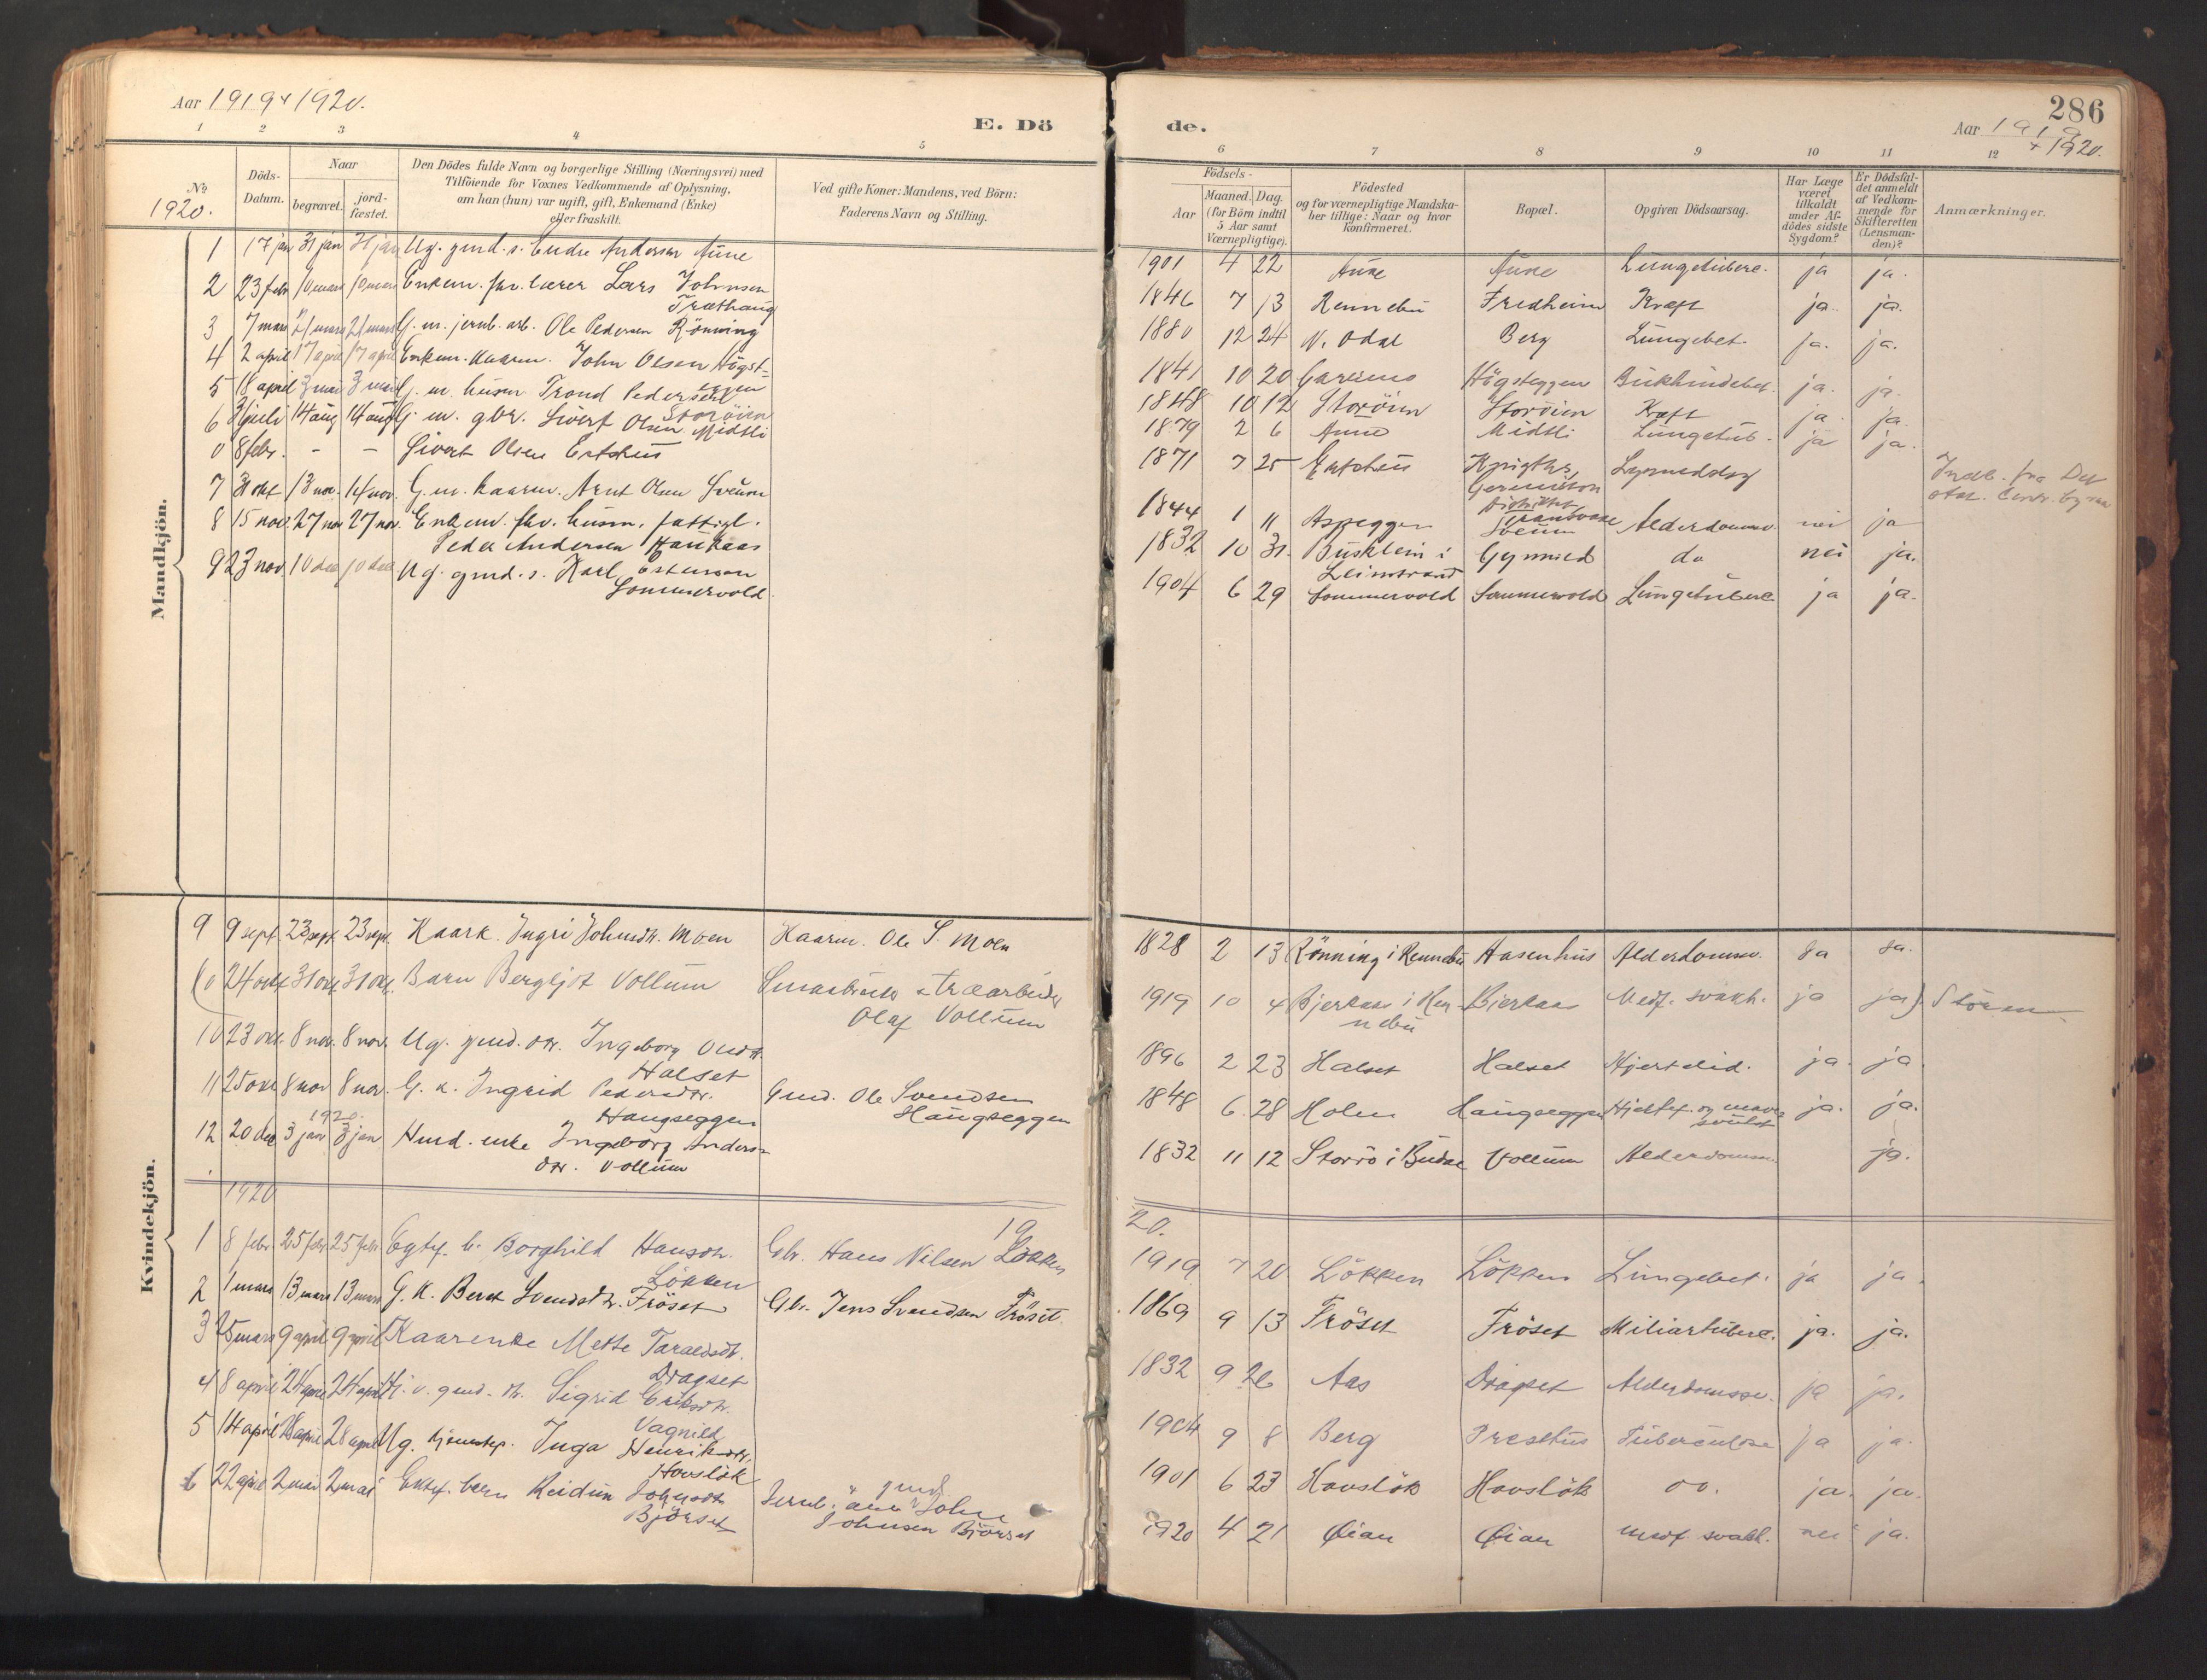 SAT, Ministerialprotokoller, klokkerbøker og fødselsregistre - Sør-Trøndelag, 689/L1041: Ministerialbok nr. 689A06, 1891-1923, s. 286